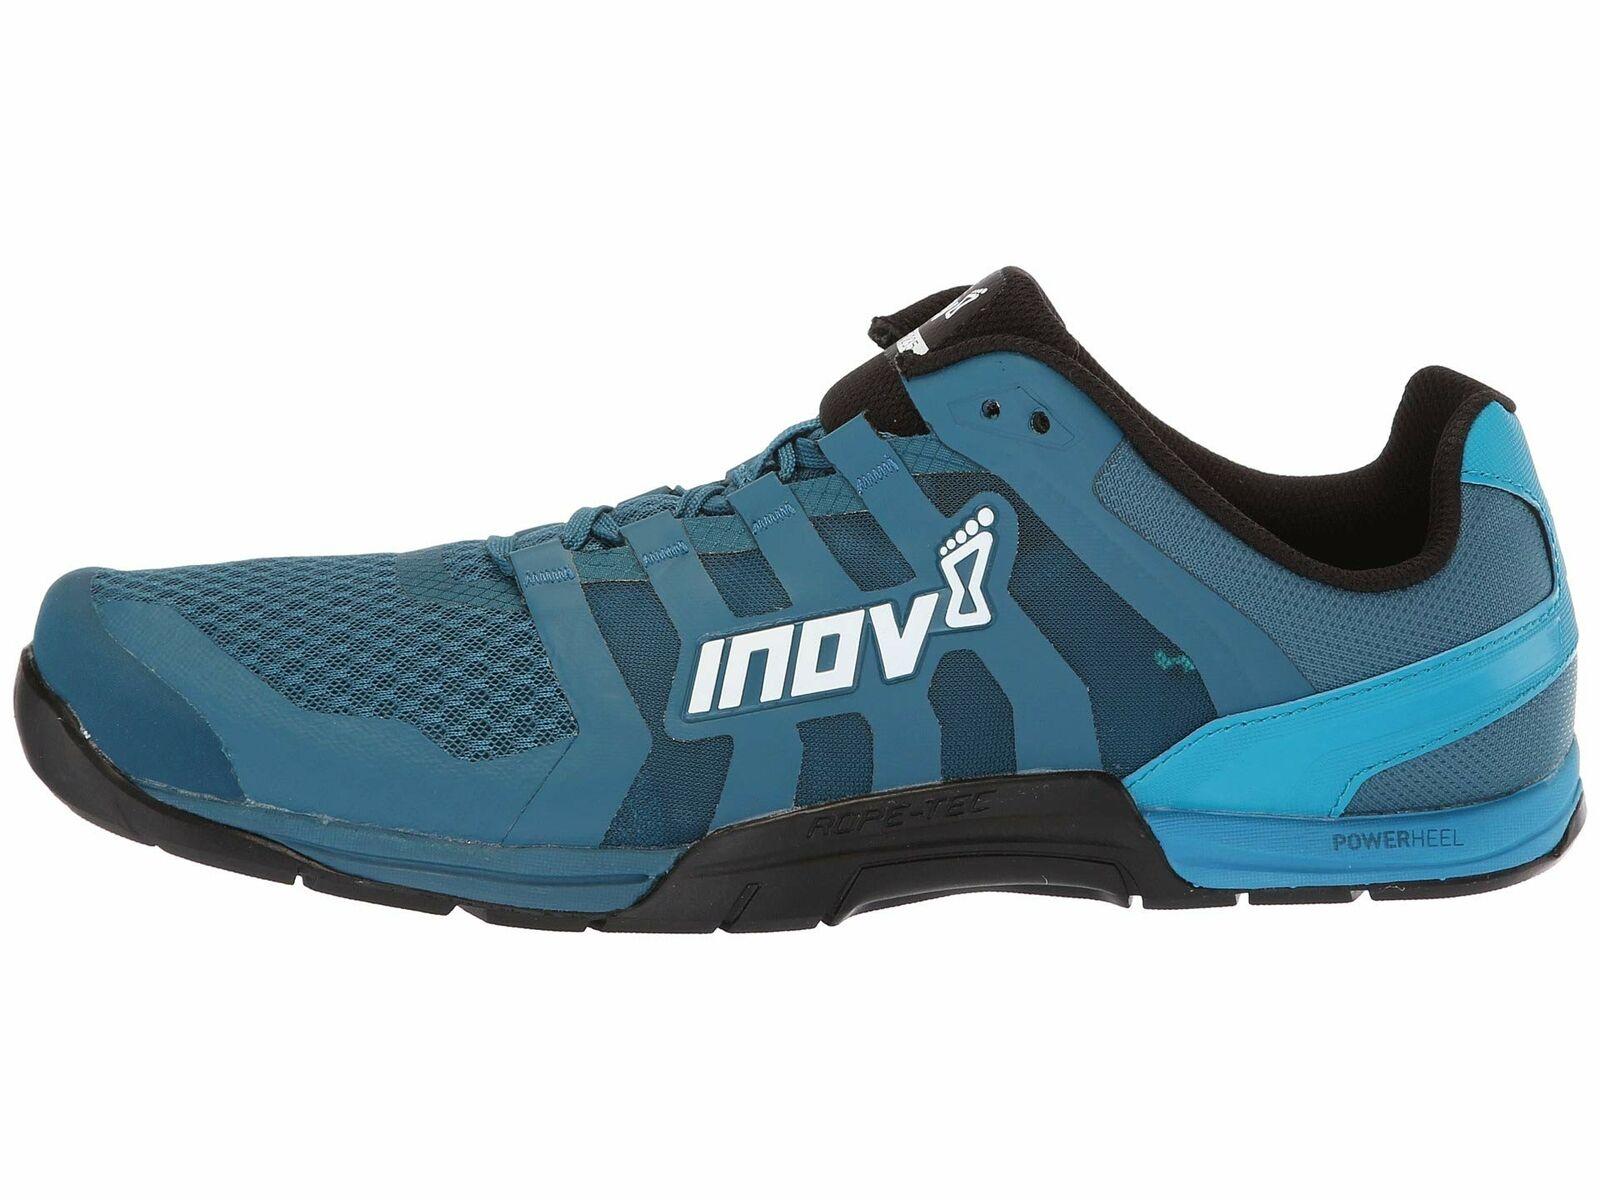 86d03958 Inov 8 235 V2 Azul verde Negro Hombre Zapatos de entrenamiento cruzado  F-Lite - nfapce9432-Zapatillas deportivas